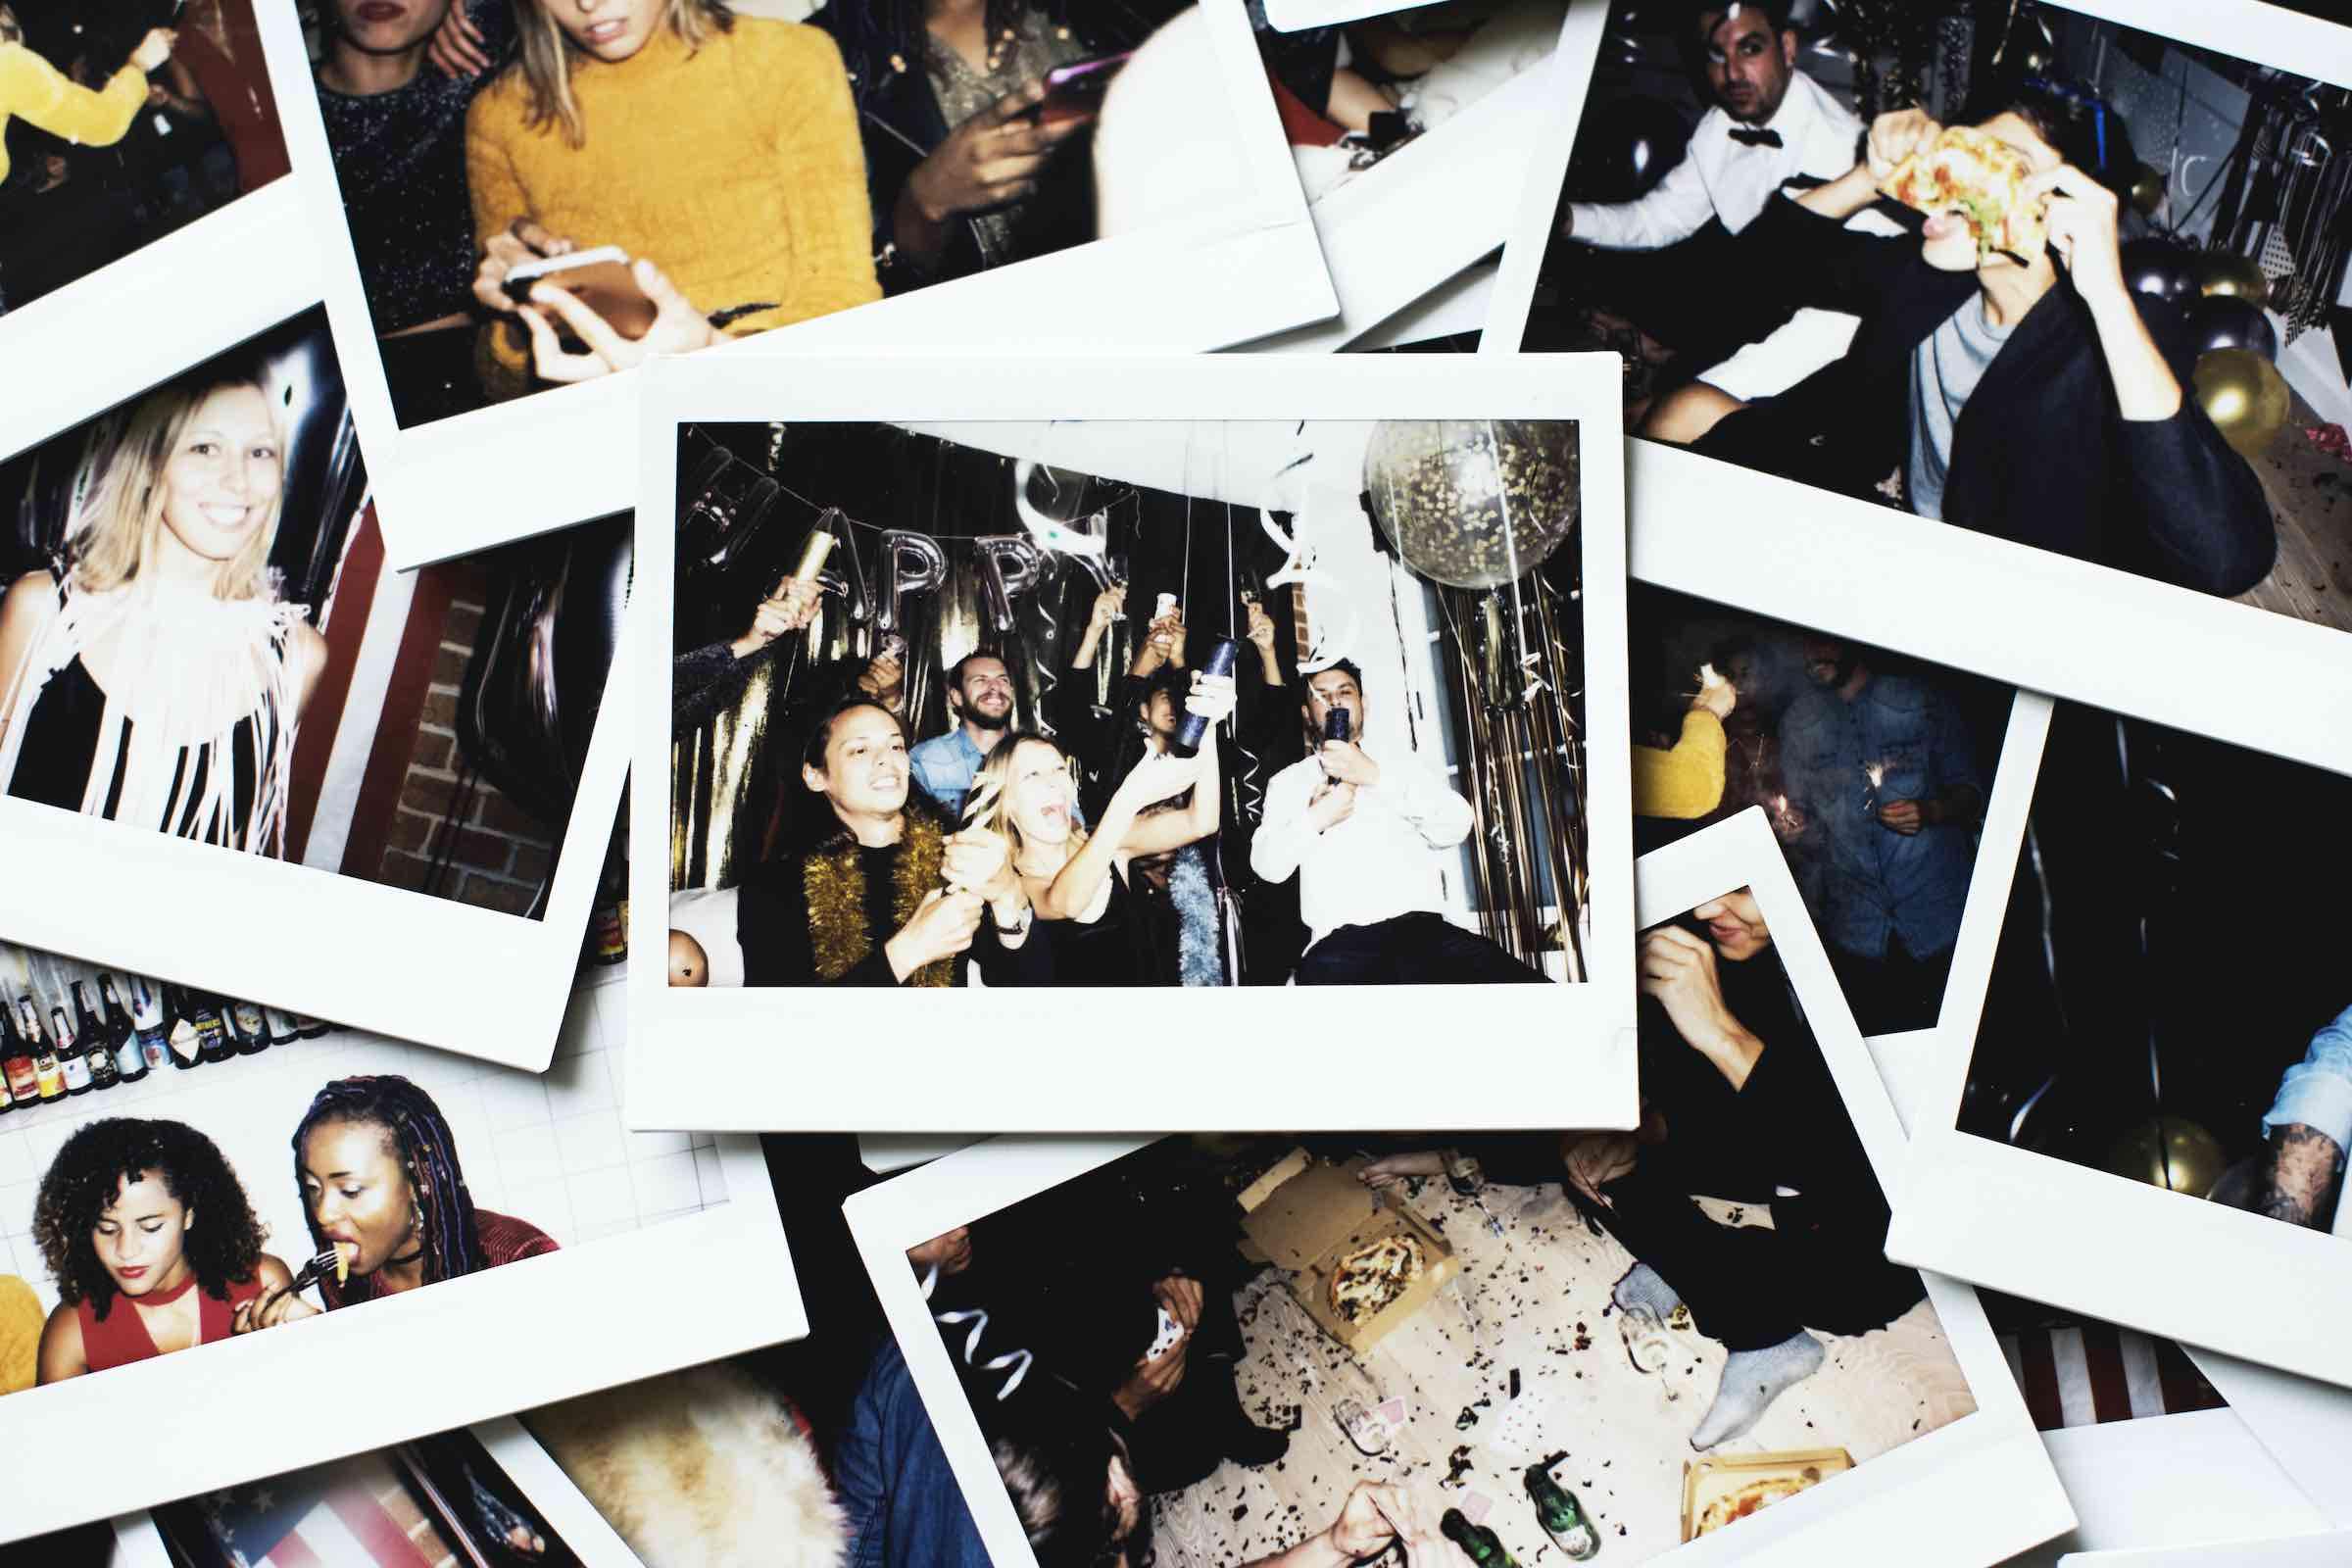 Knipsel Polaroid Kamera - Sofortbildkamera | Mieten |Koffer | Anfragen | Buchen | Versand | Deutschlandweit